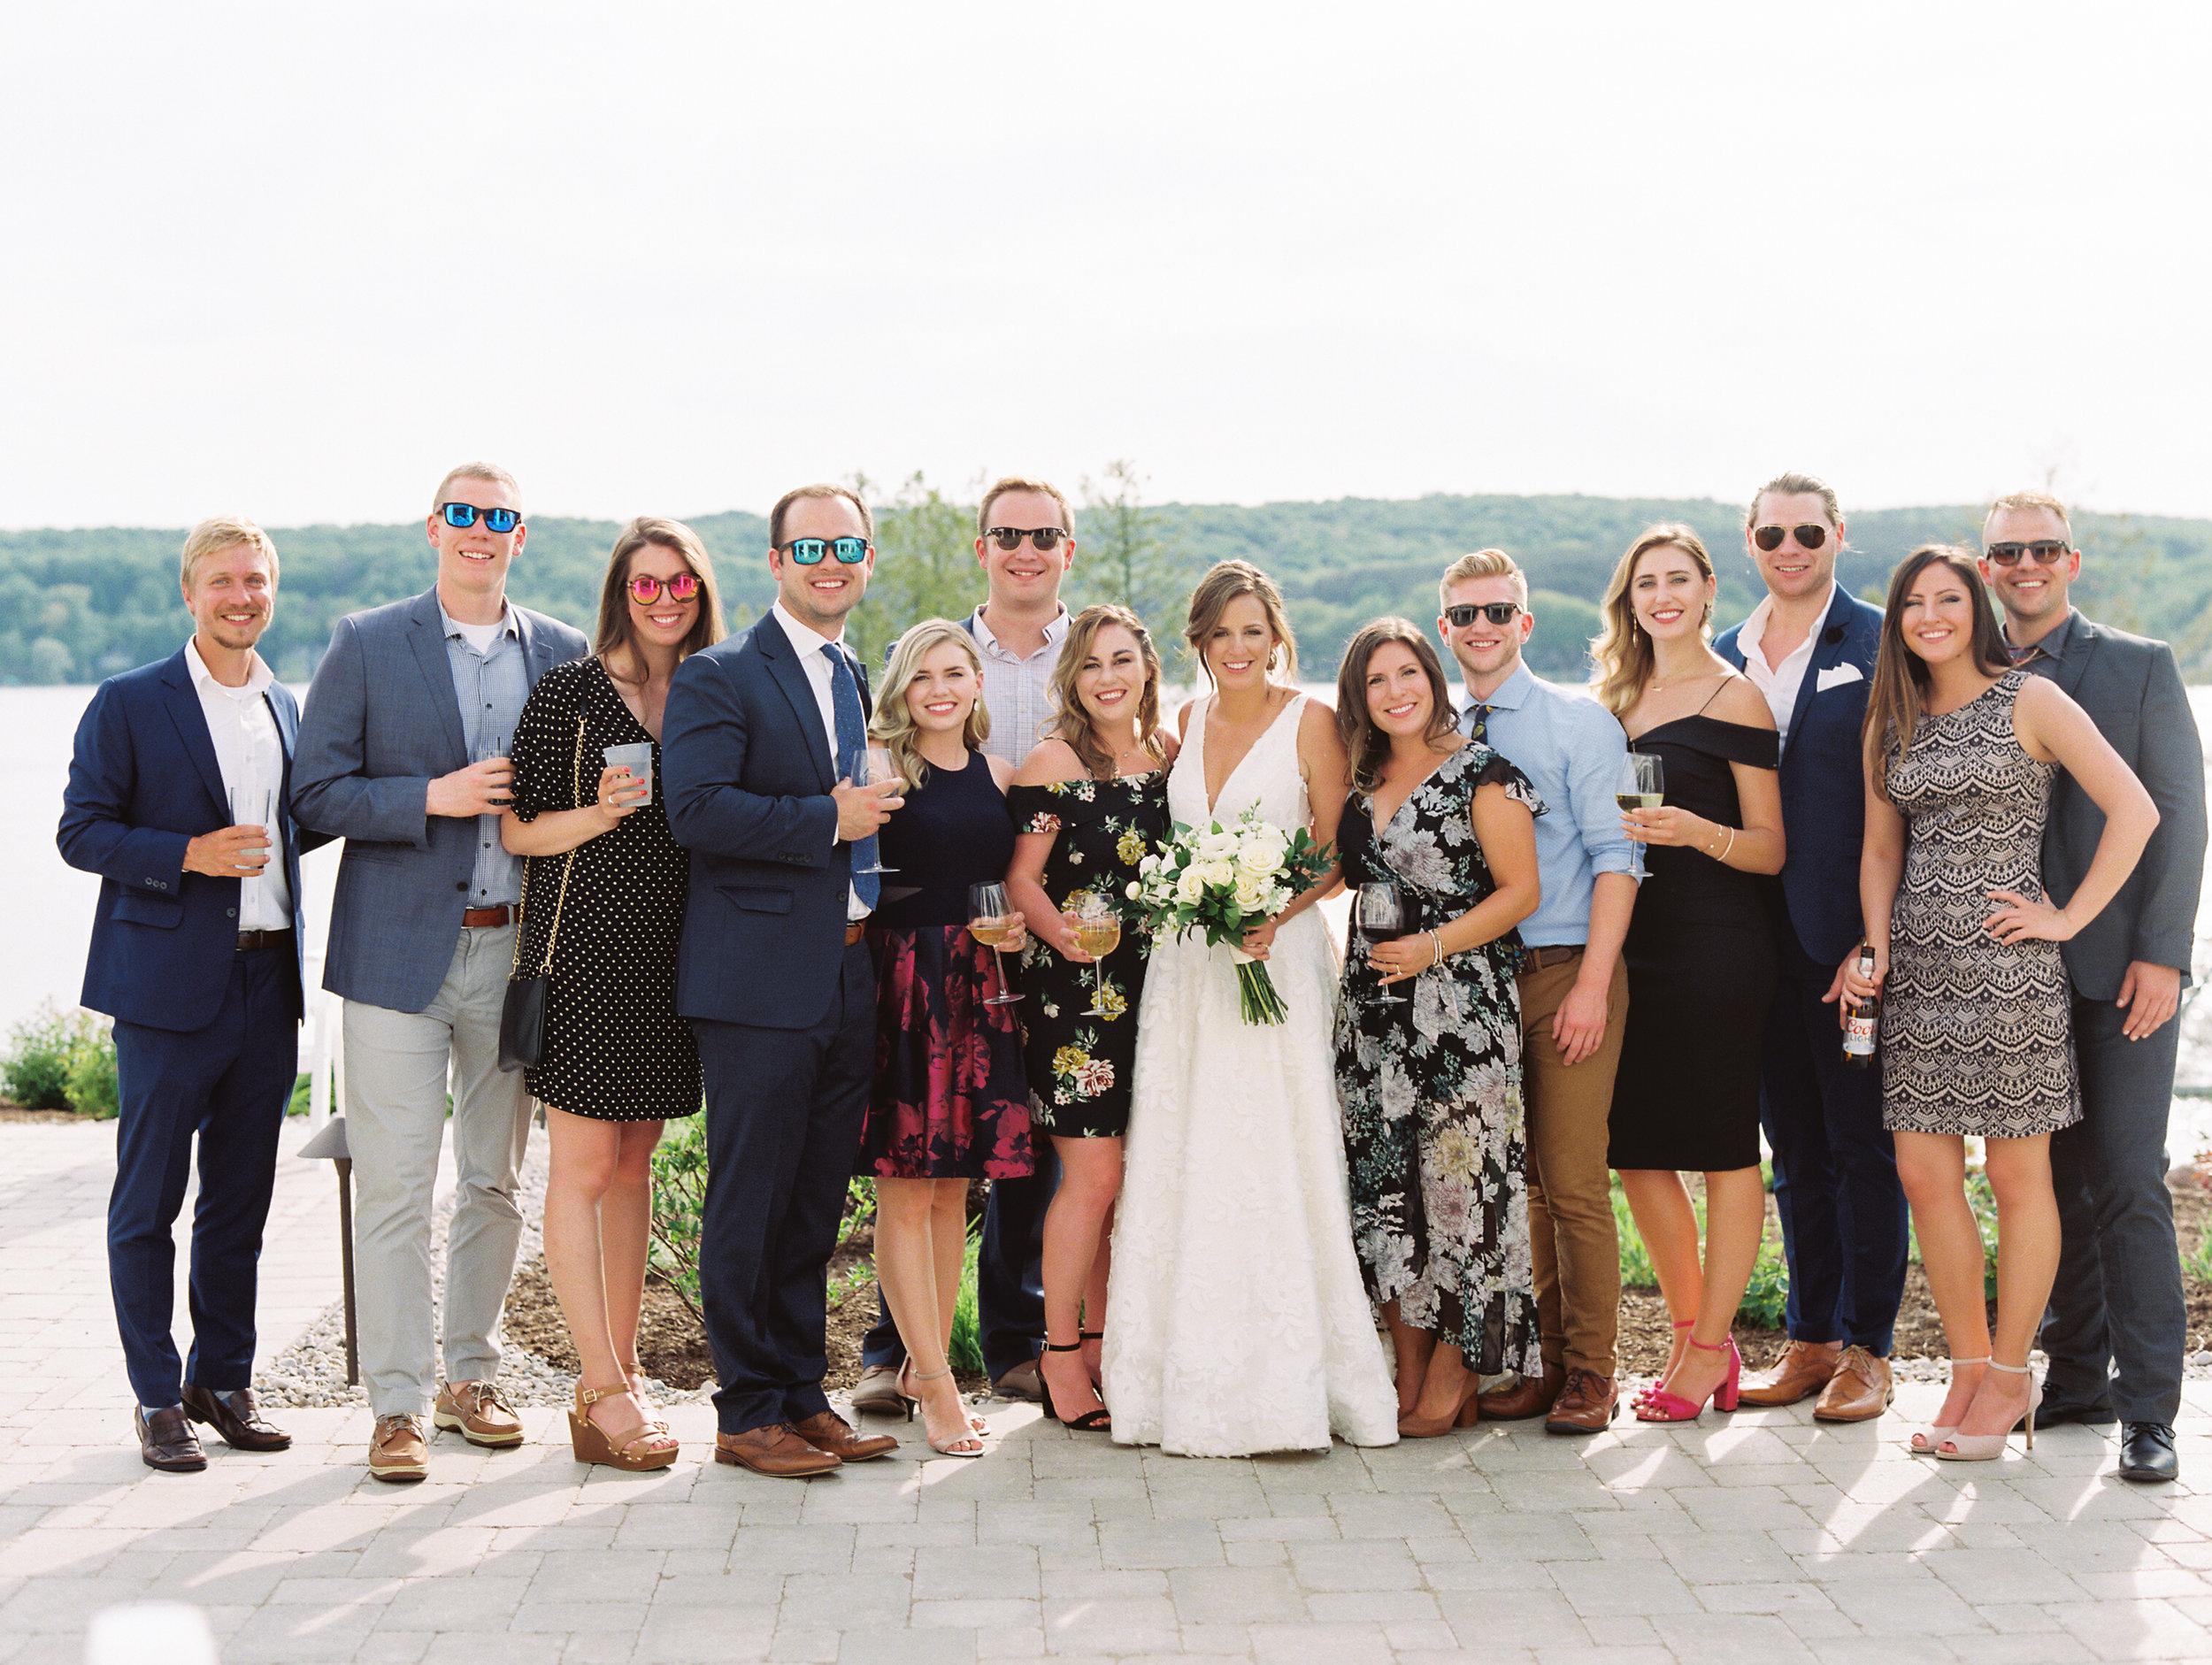 DeGuilio+Wedding+Reception+CocktailHourf-6.jpg